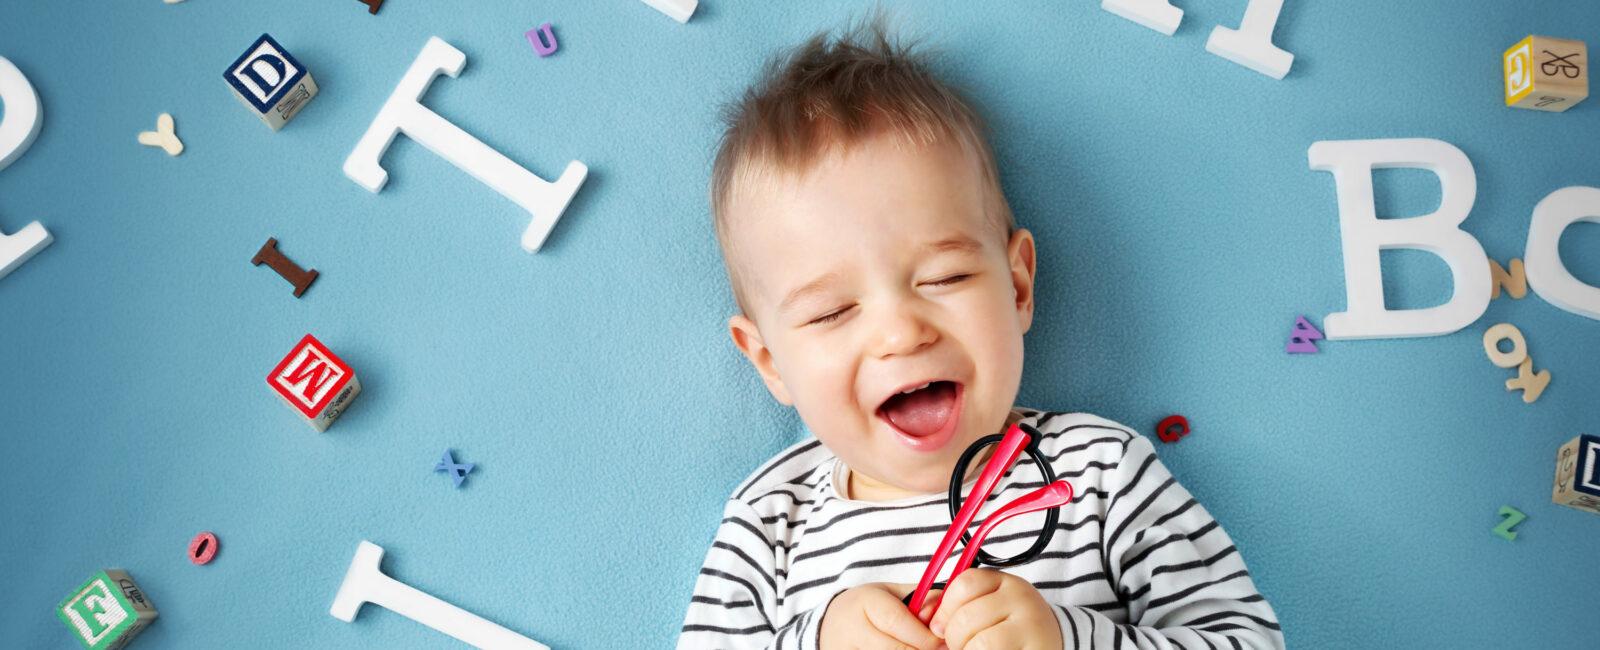 Inselzeit Eltern-Kind (Kurs 2) – Ausfall aufgrund der Coronaverordnung